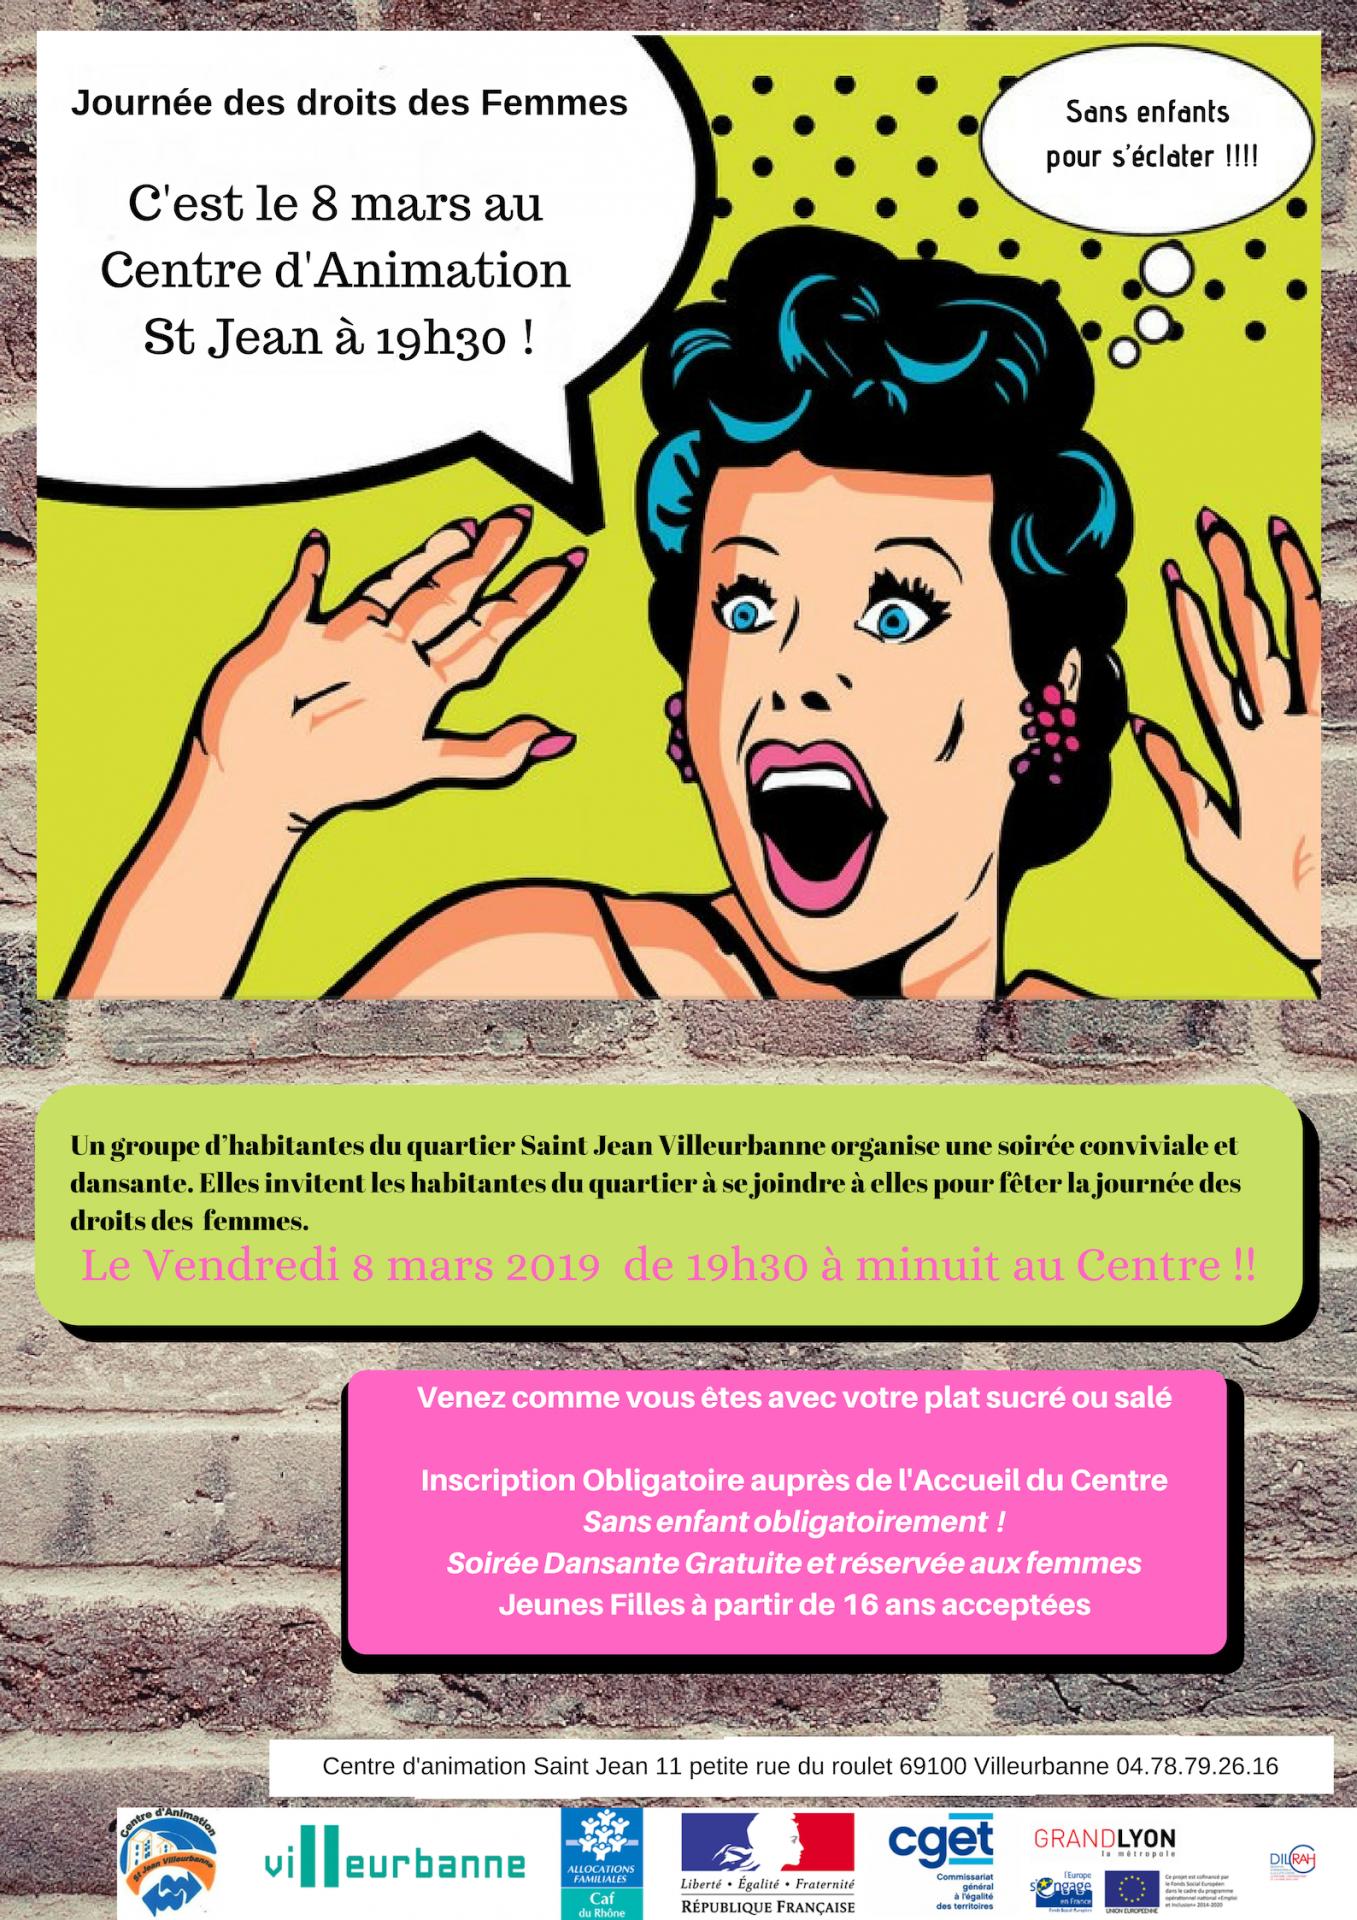 Affiche journee de la femme 2019 1